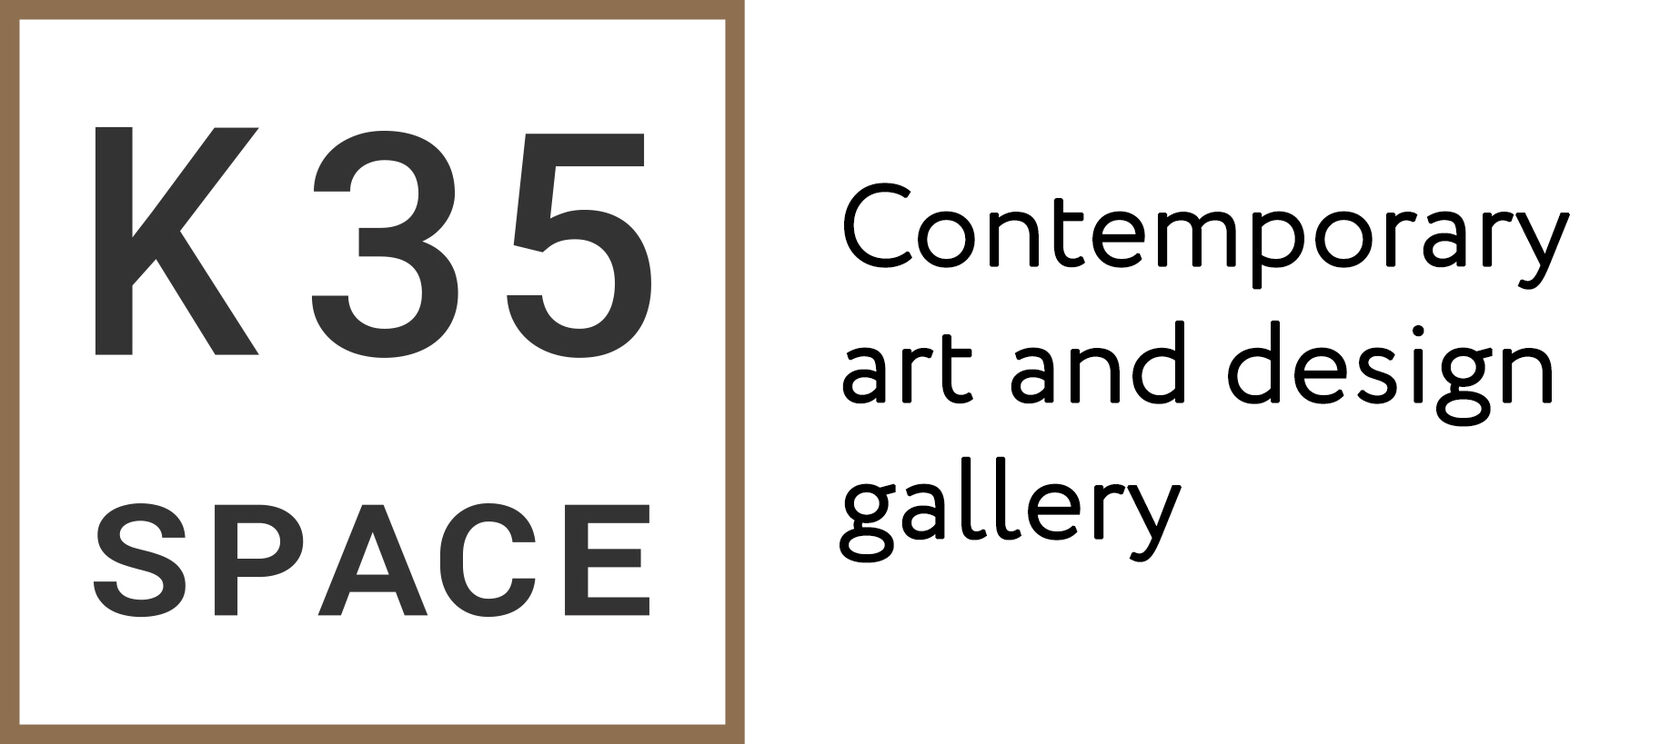 Галерея современного искусства и дизайна